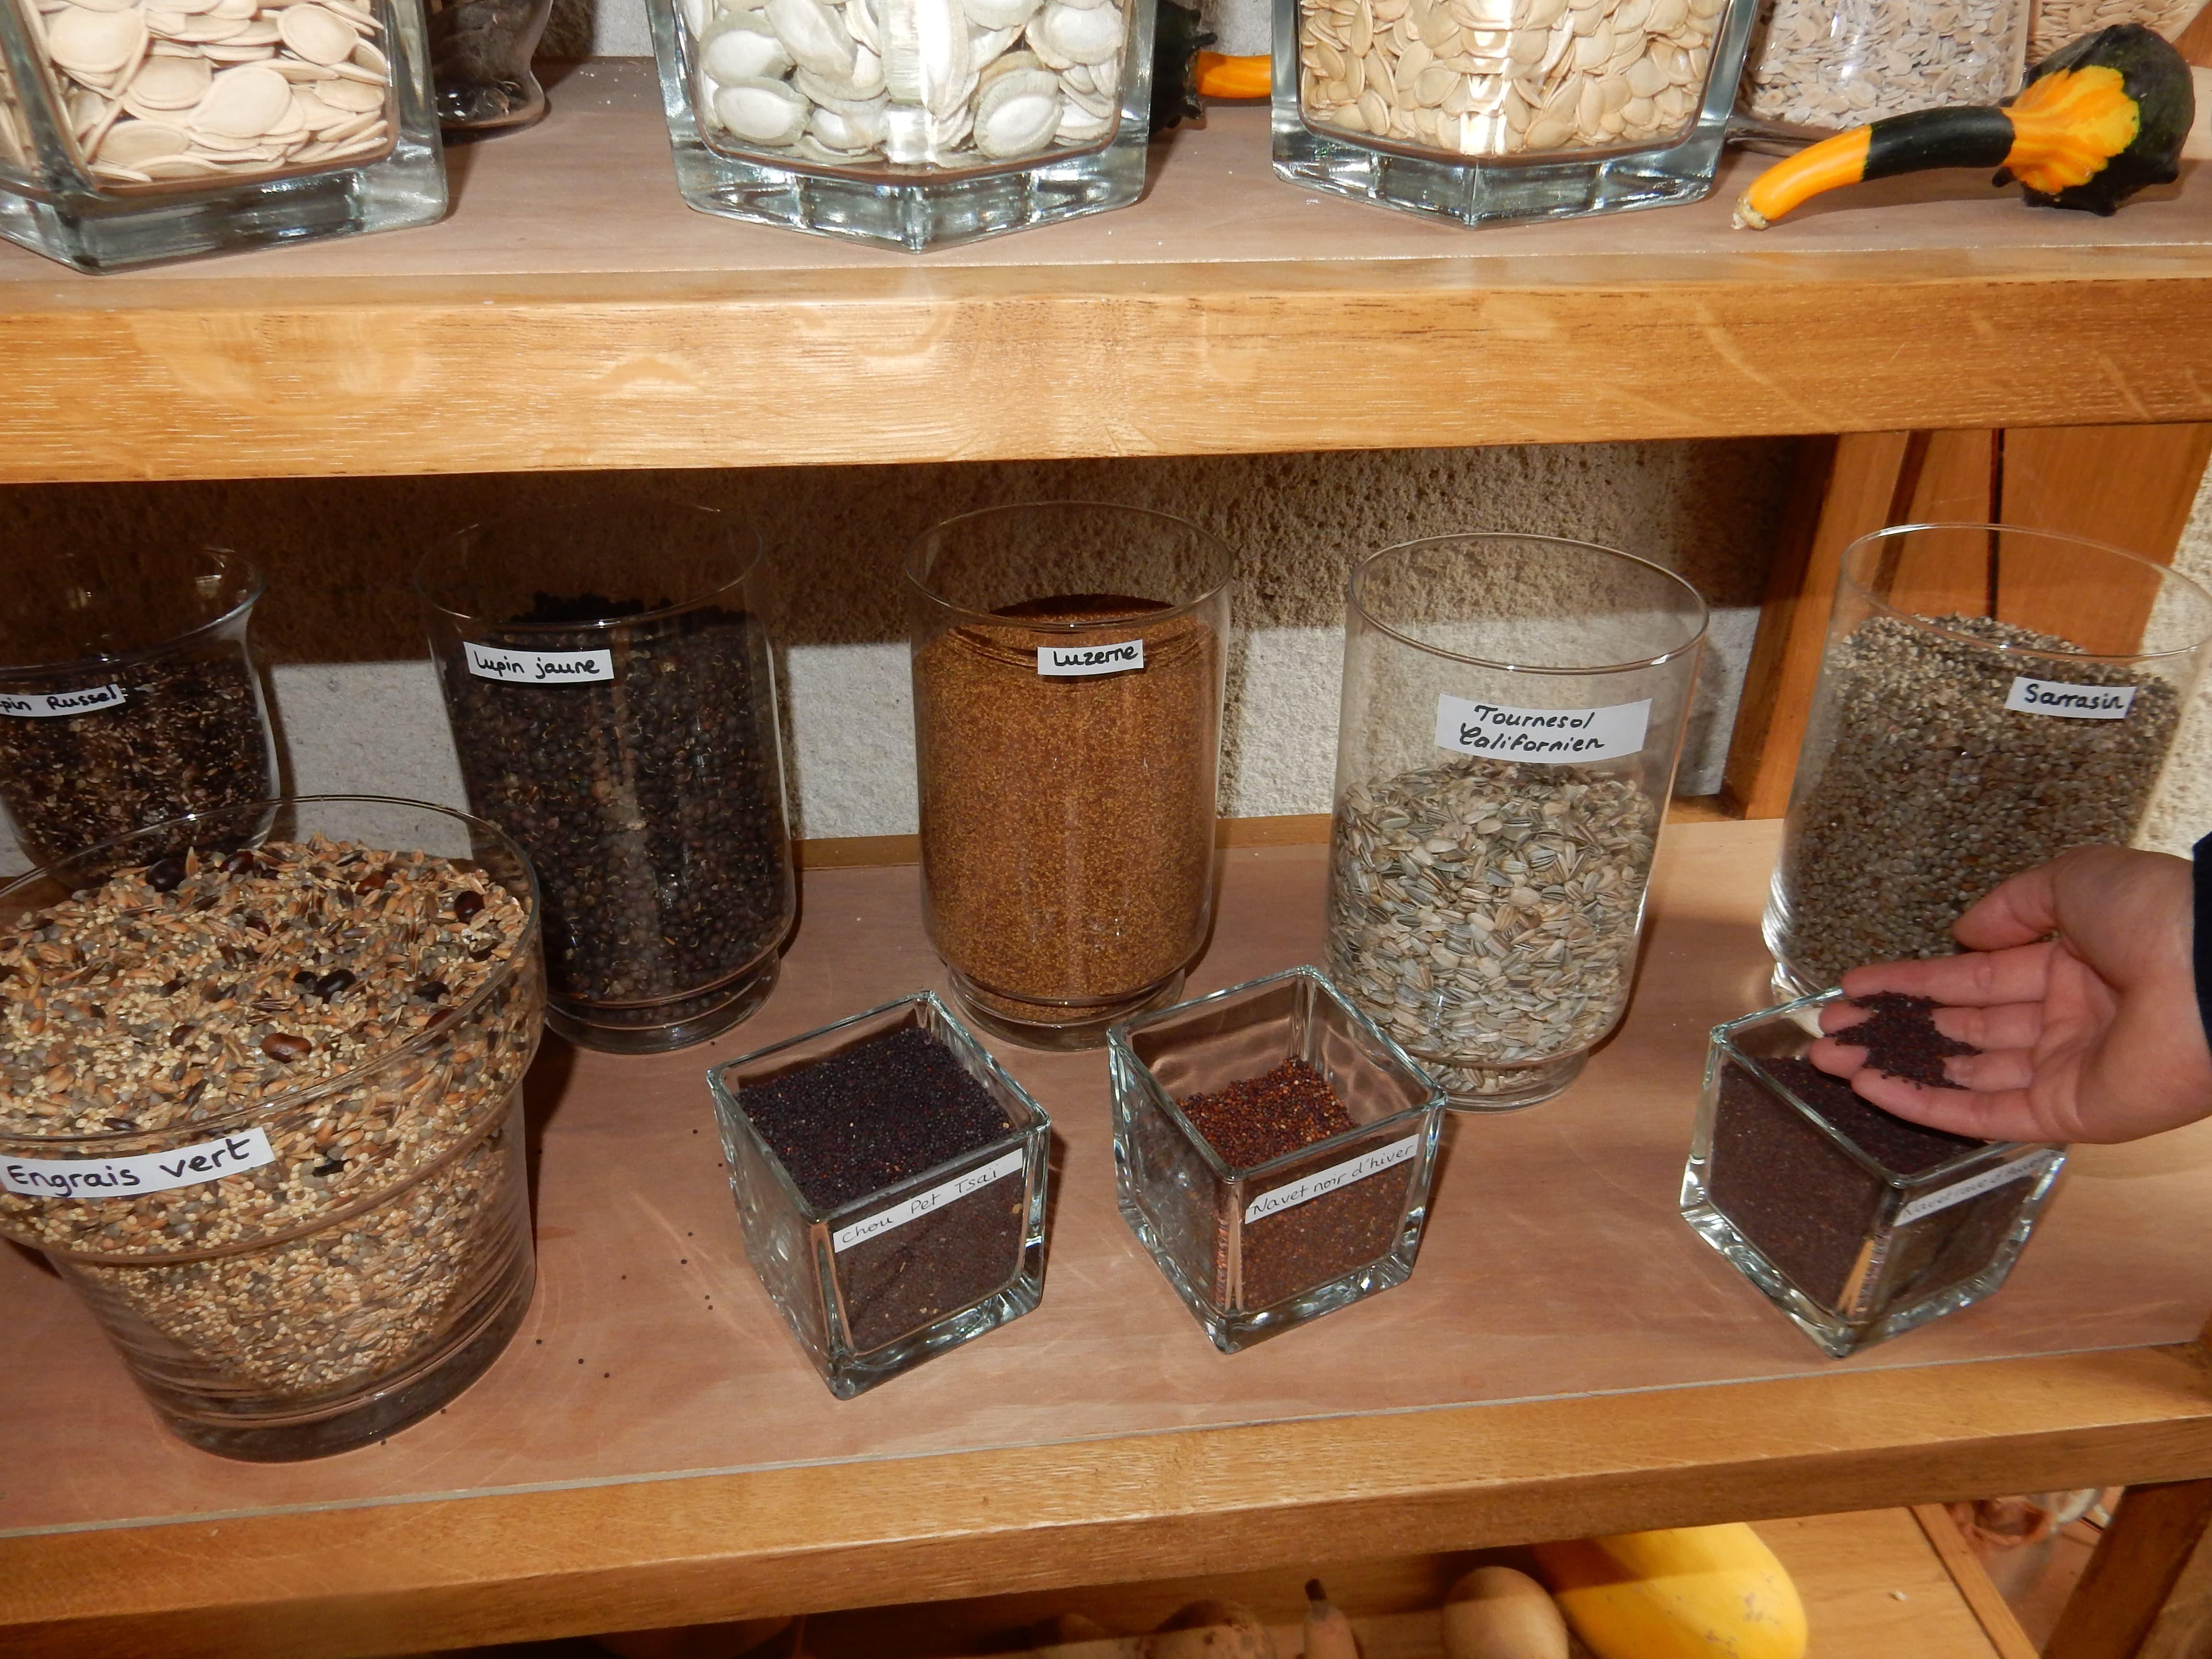 Conservatoire de semences de la Ferme Sainte-Marthe Sologne - Biofermes France